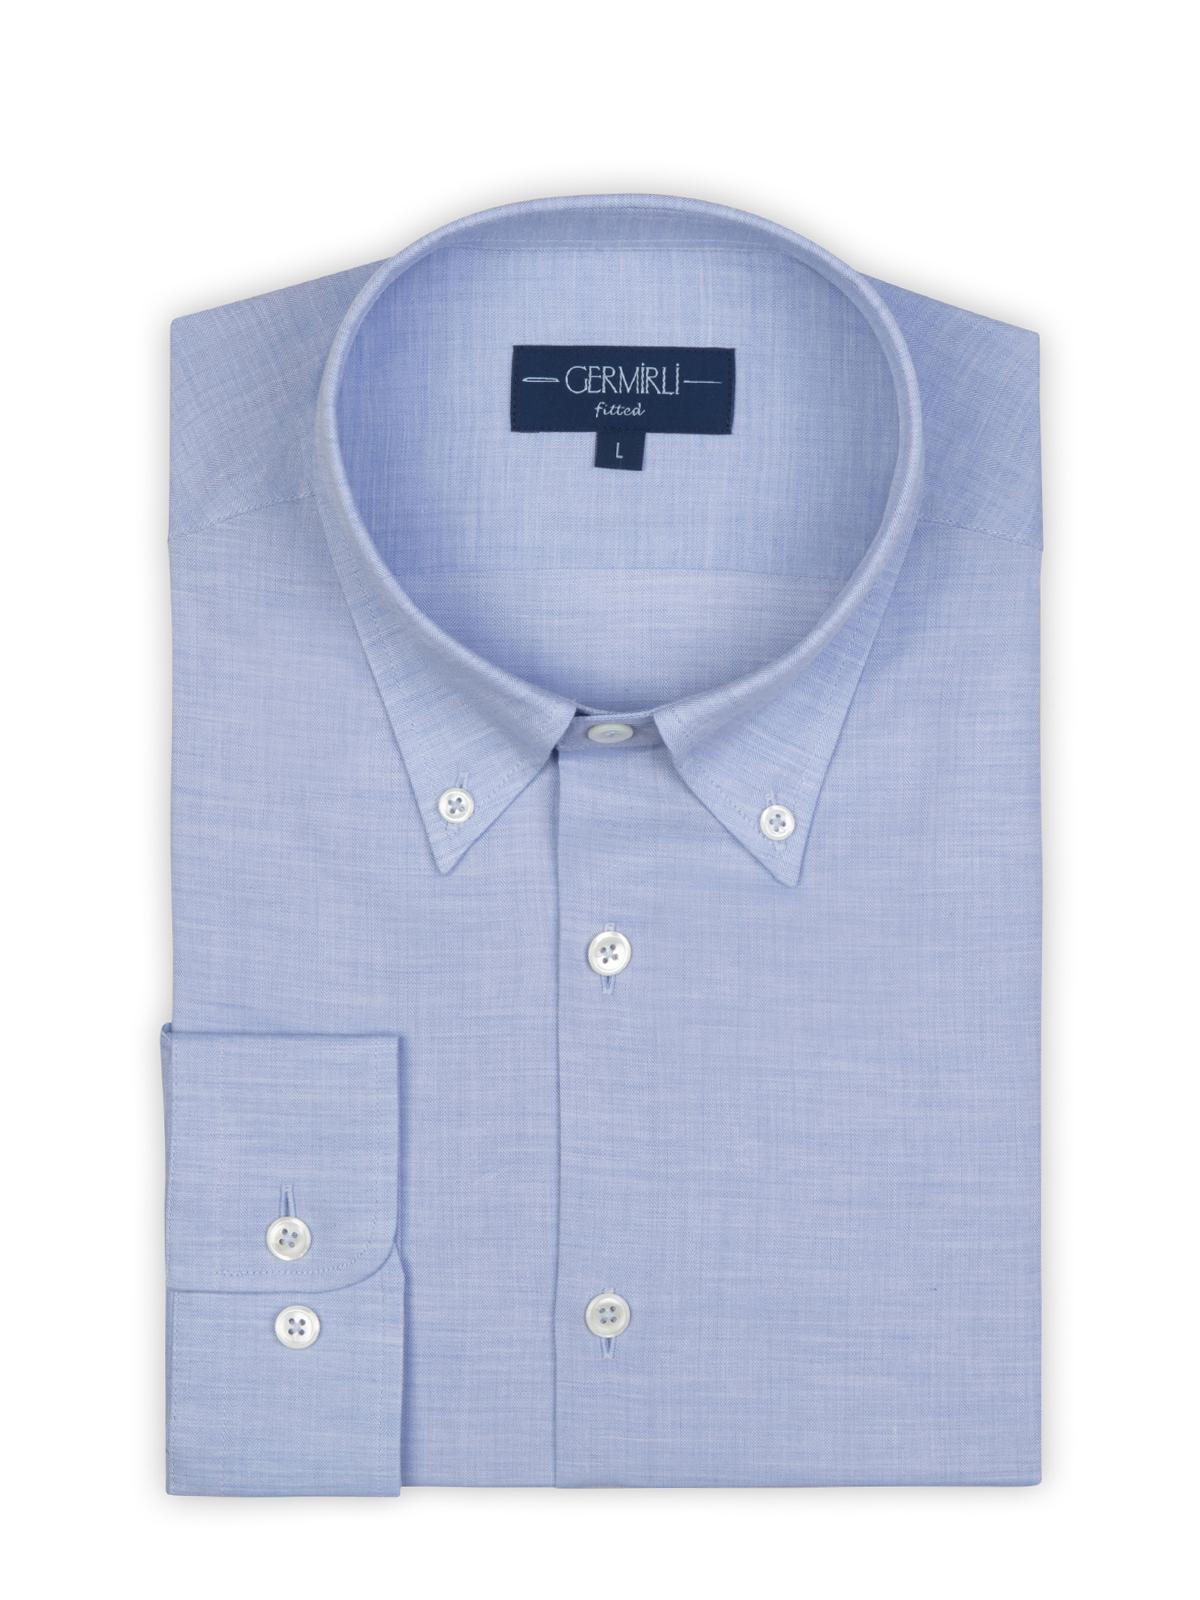 Germirli Açık Mavi Balıksırtı Flanel Düğmeli Yaka Tailor Fit Gömlek